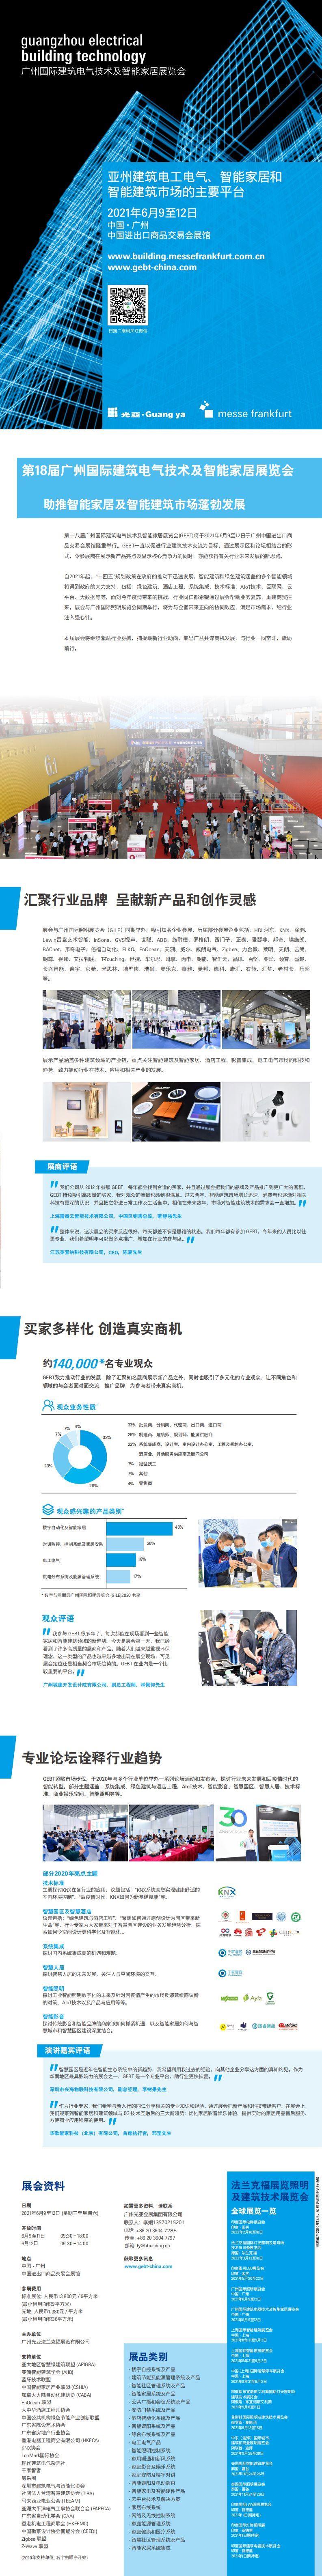 GEBT21 Brochure sc 李媛_0.png